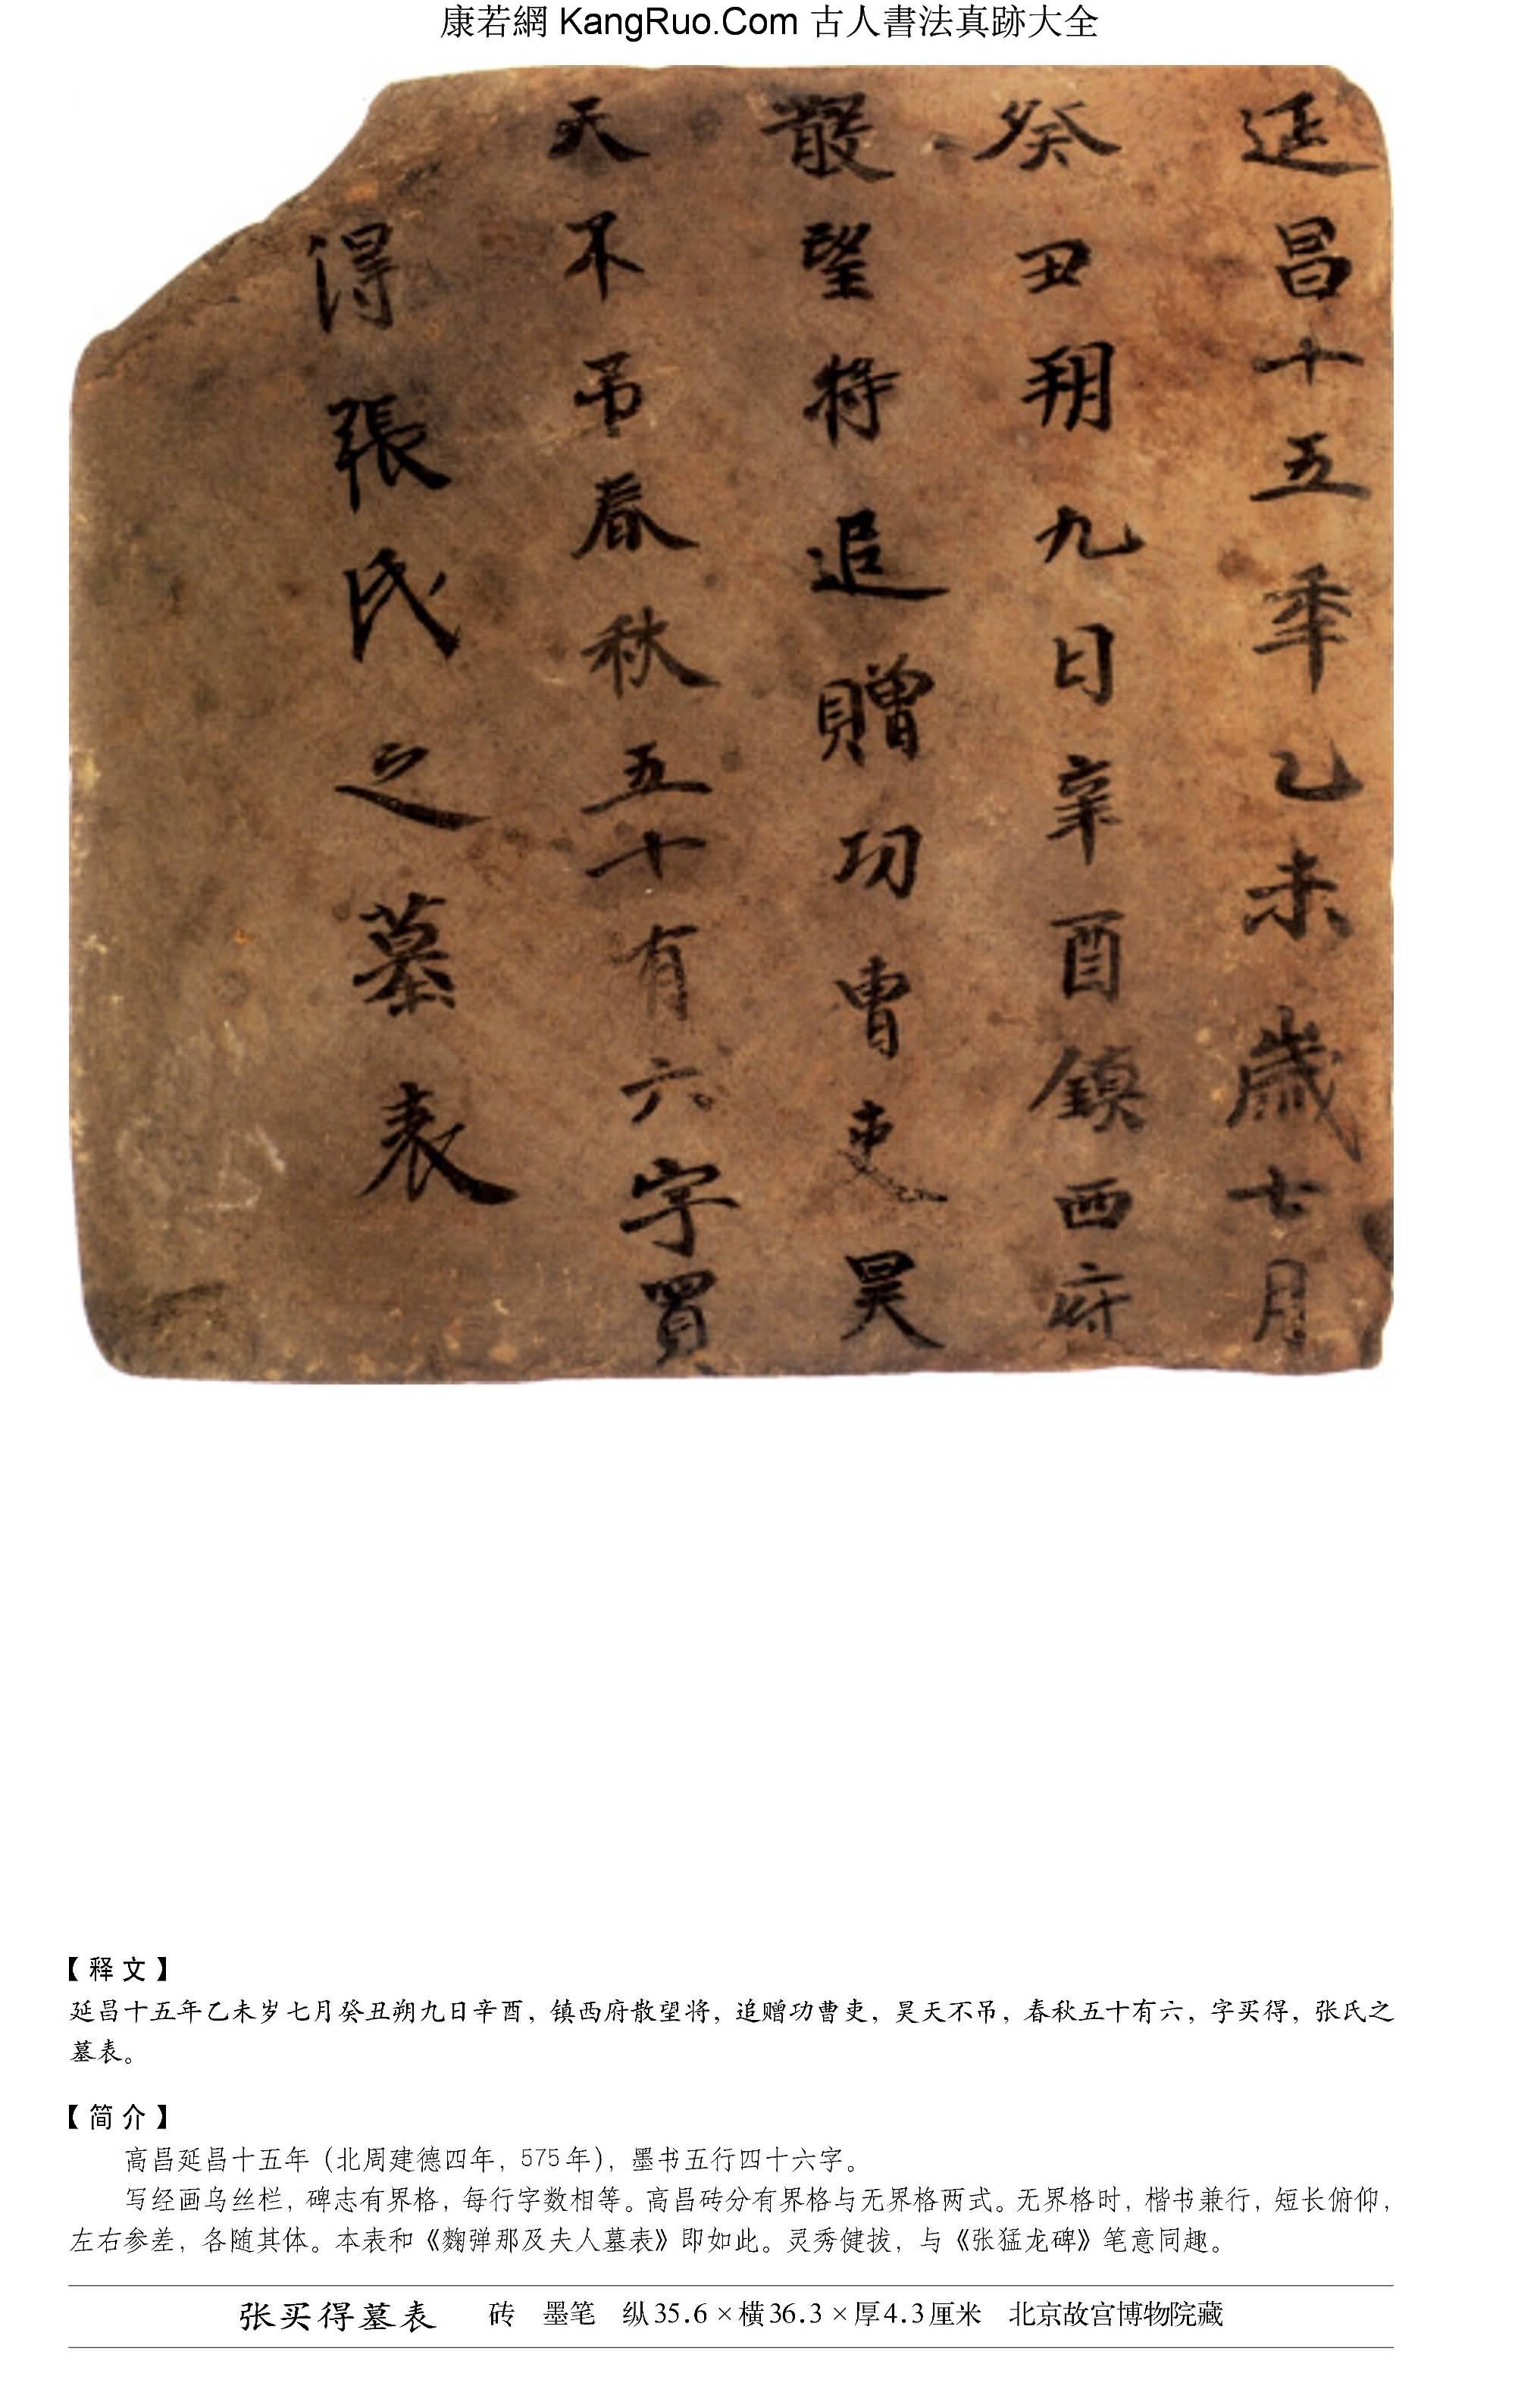 《張買得墓表》書法真跡(墓磚墨筆)【北周-高昌磚】_00038